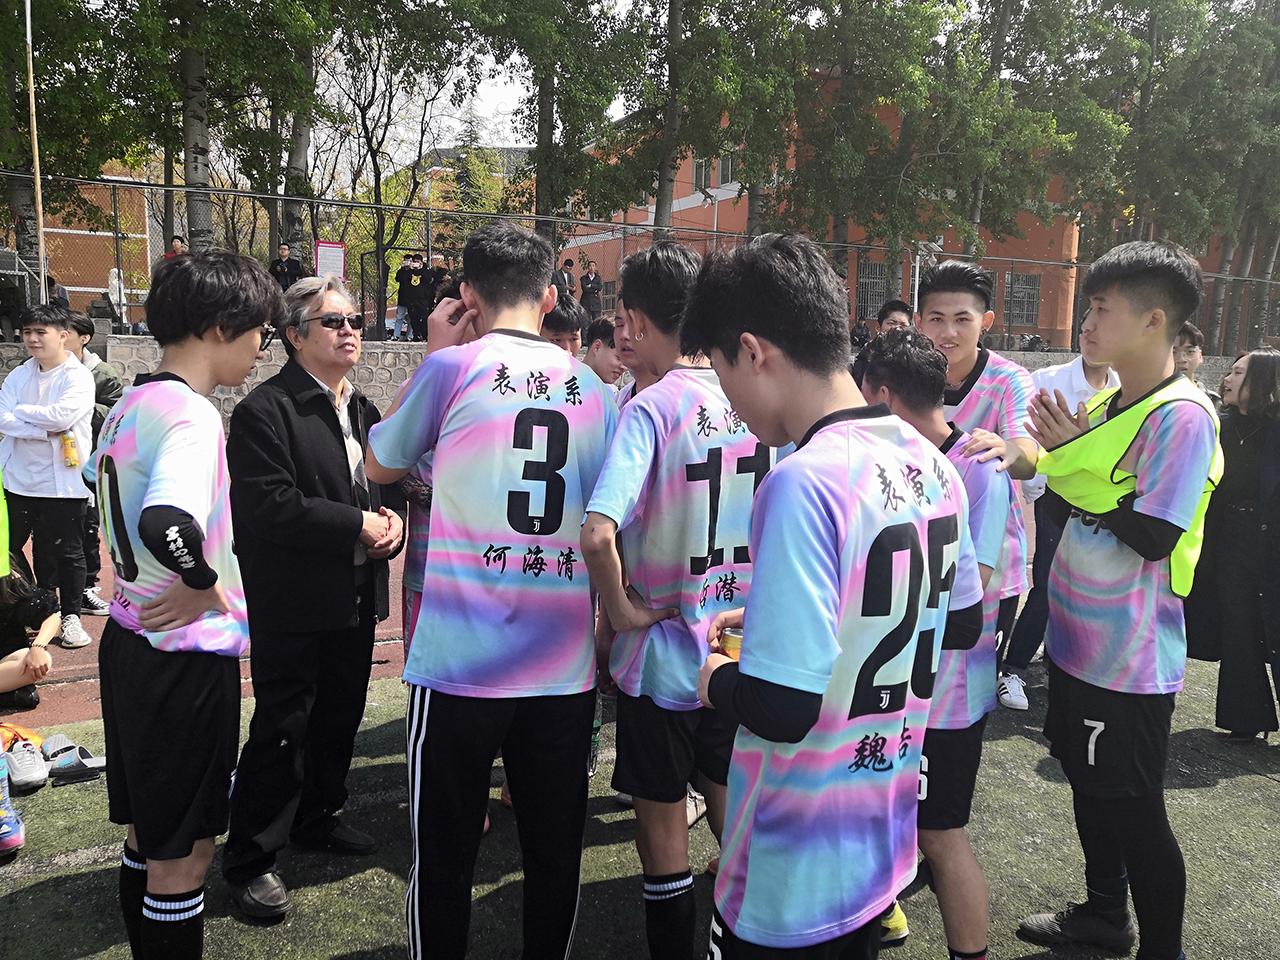 表演系取得北京演艺专修学院足球比赛冠军